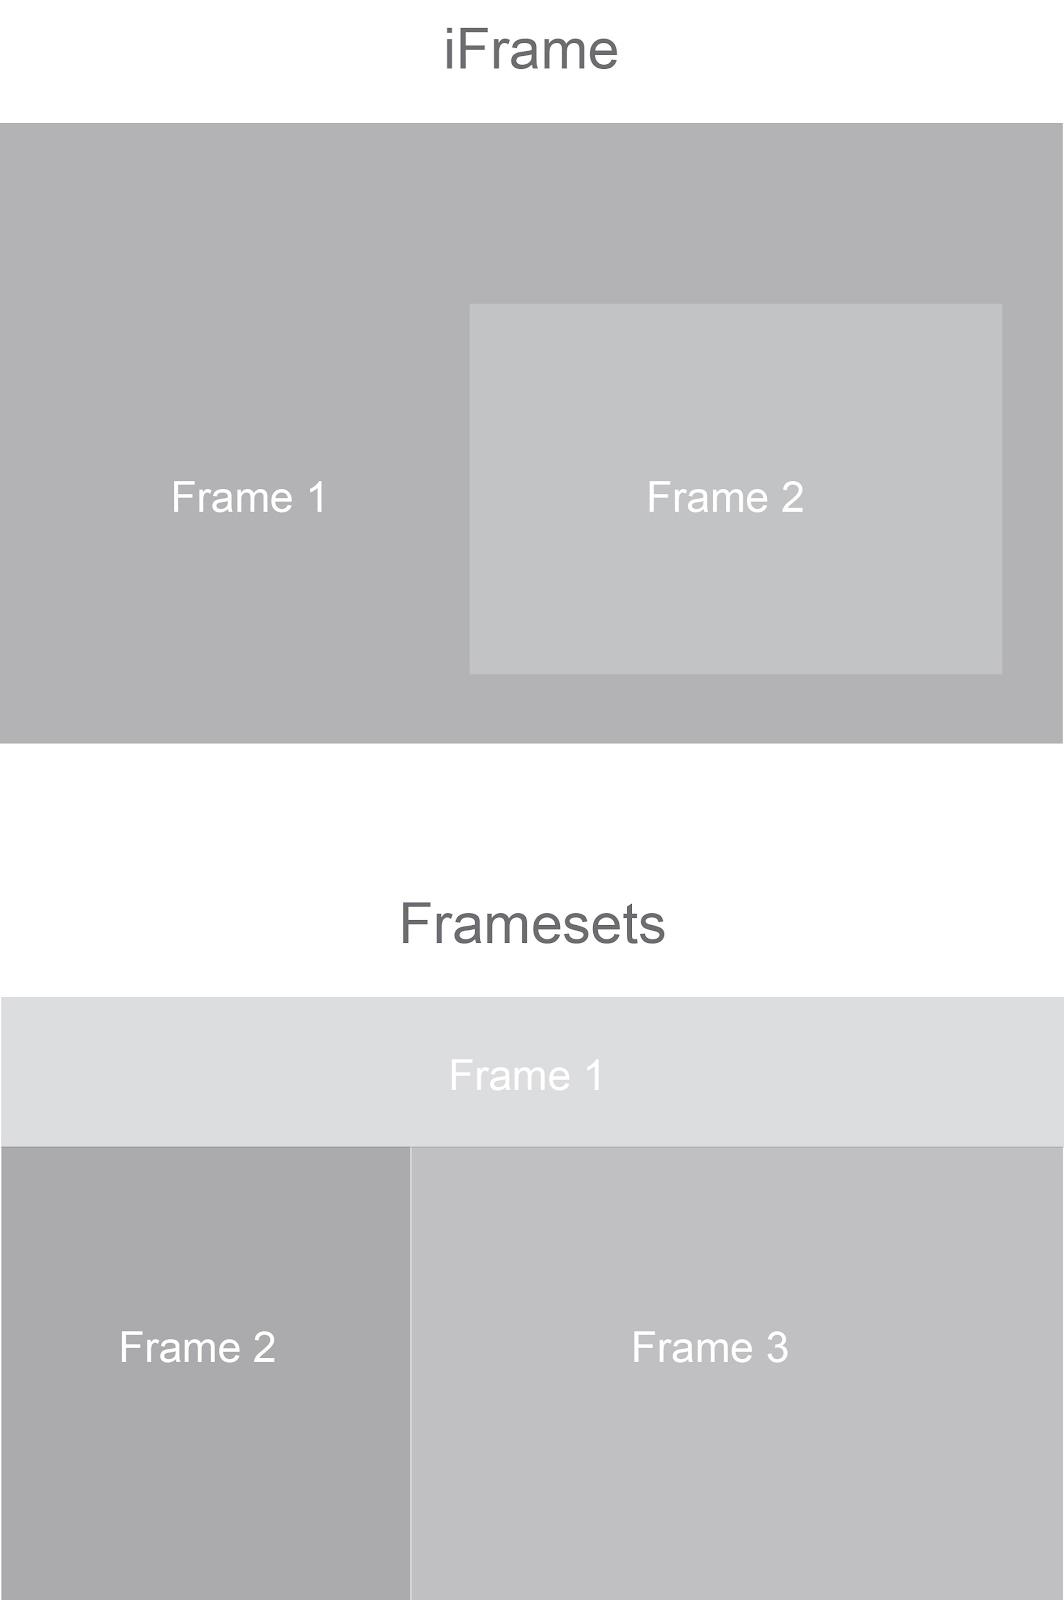 iframes and framesets.jpg